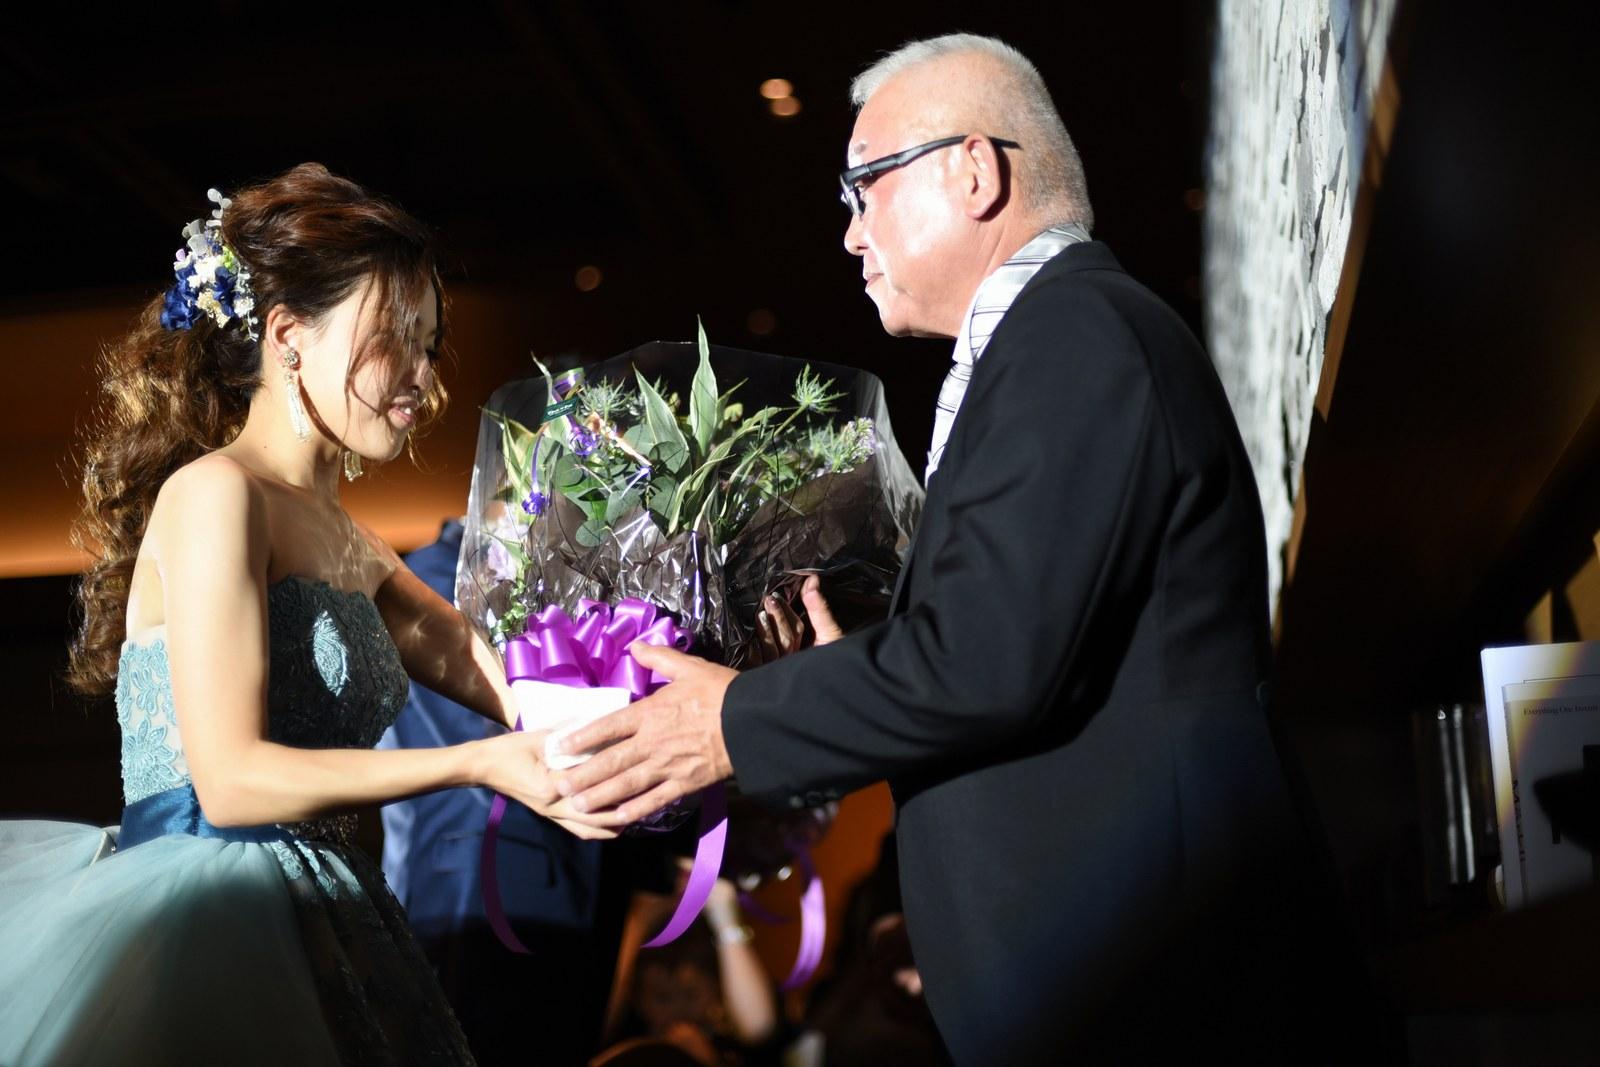 香川県高松市の結婚式場アナザースタイルで両親に花束を贈呈